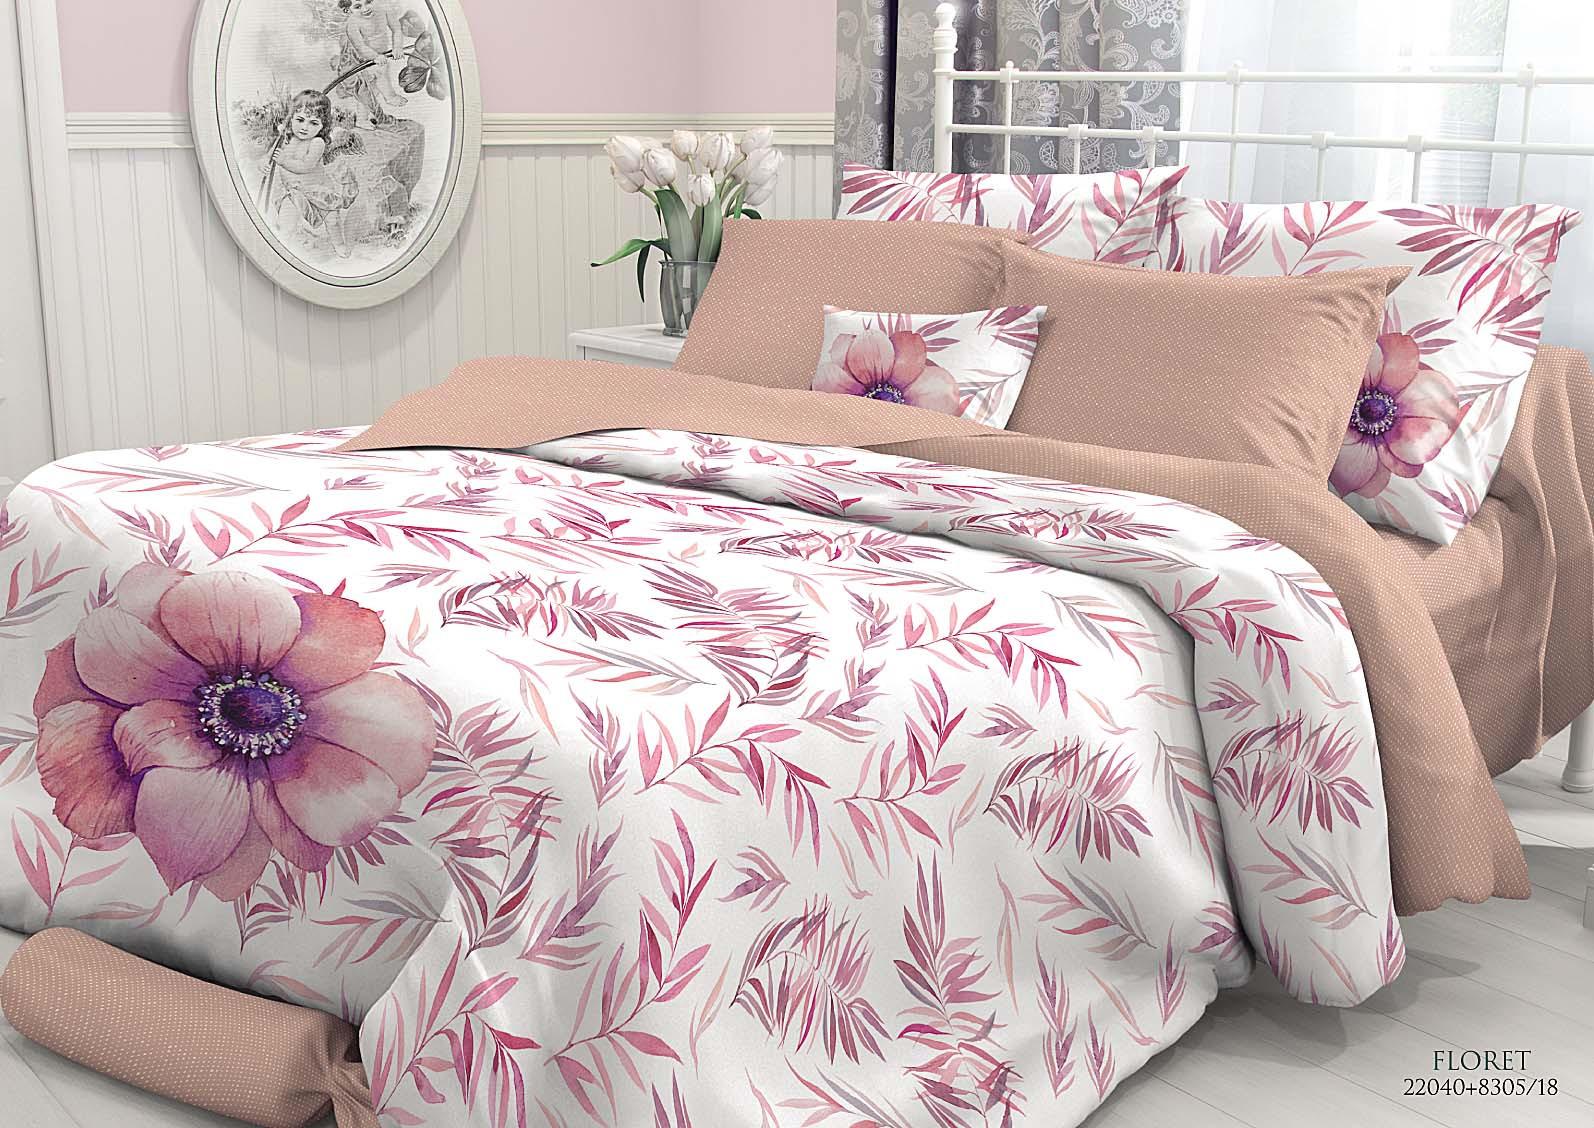 Комплект белья Verossa Floret, 2-спальный, наволочки 50x70